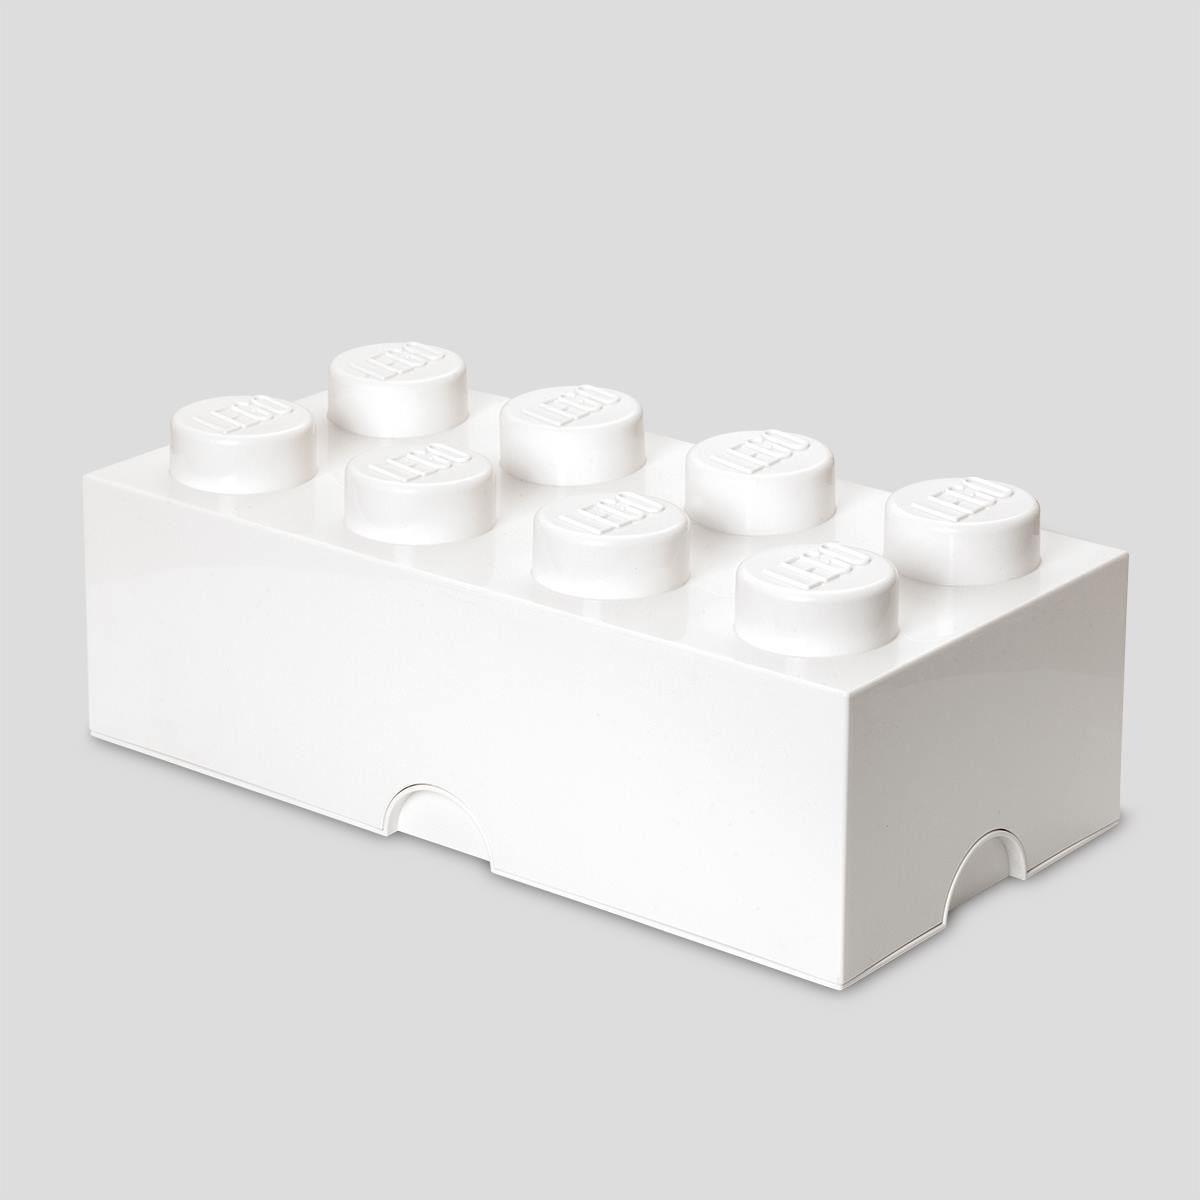 Lego-Geant-stockage-Brique-8-blocs-de-construction-cadeau-enfants-Grande-boite